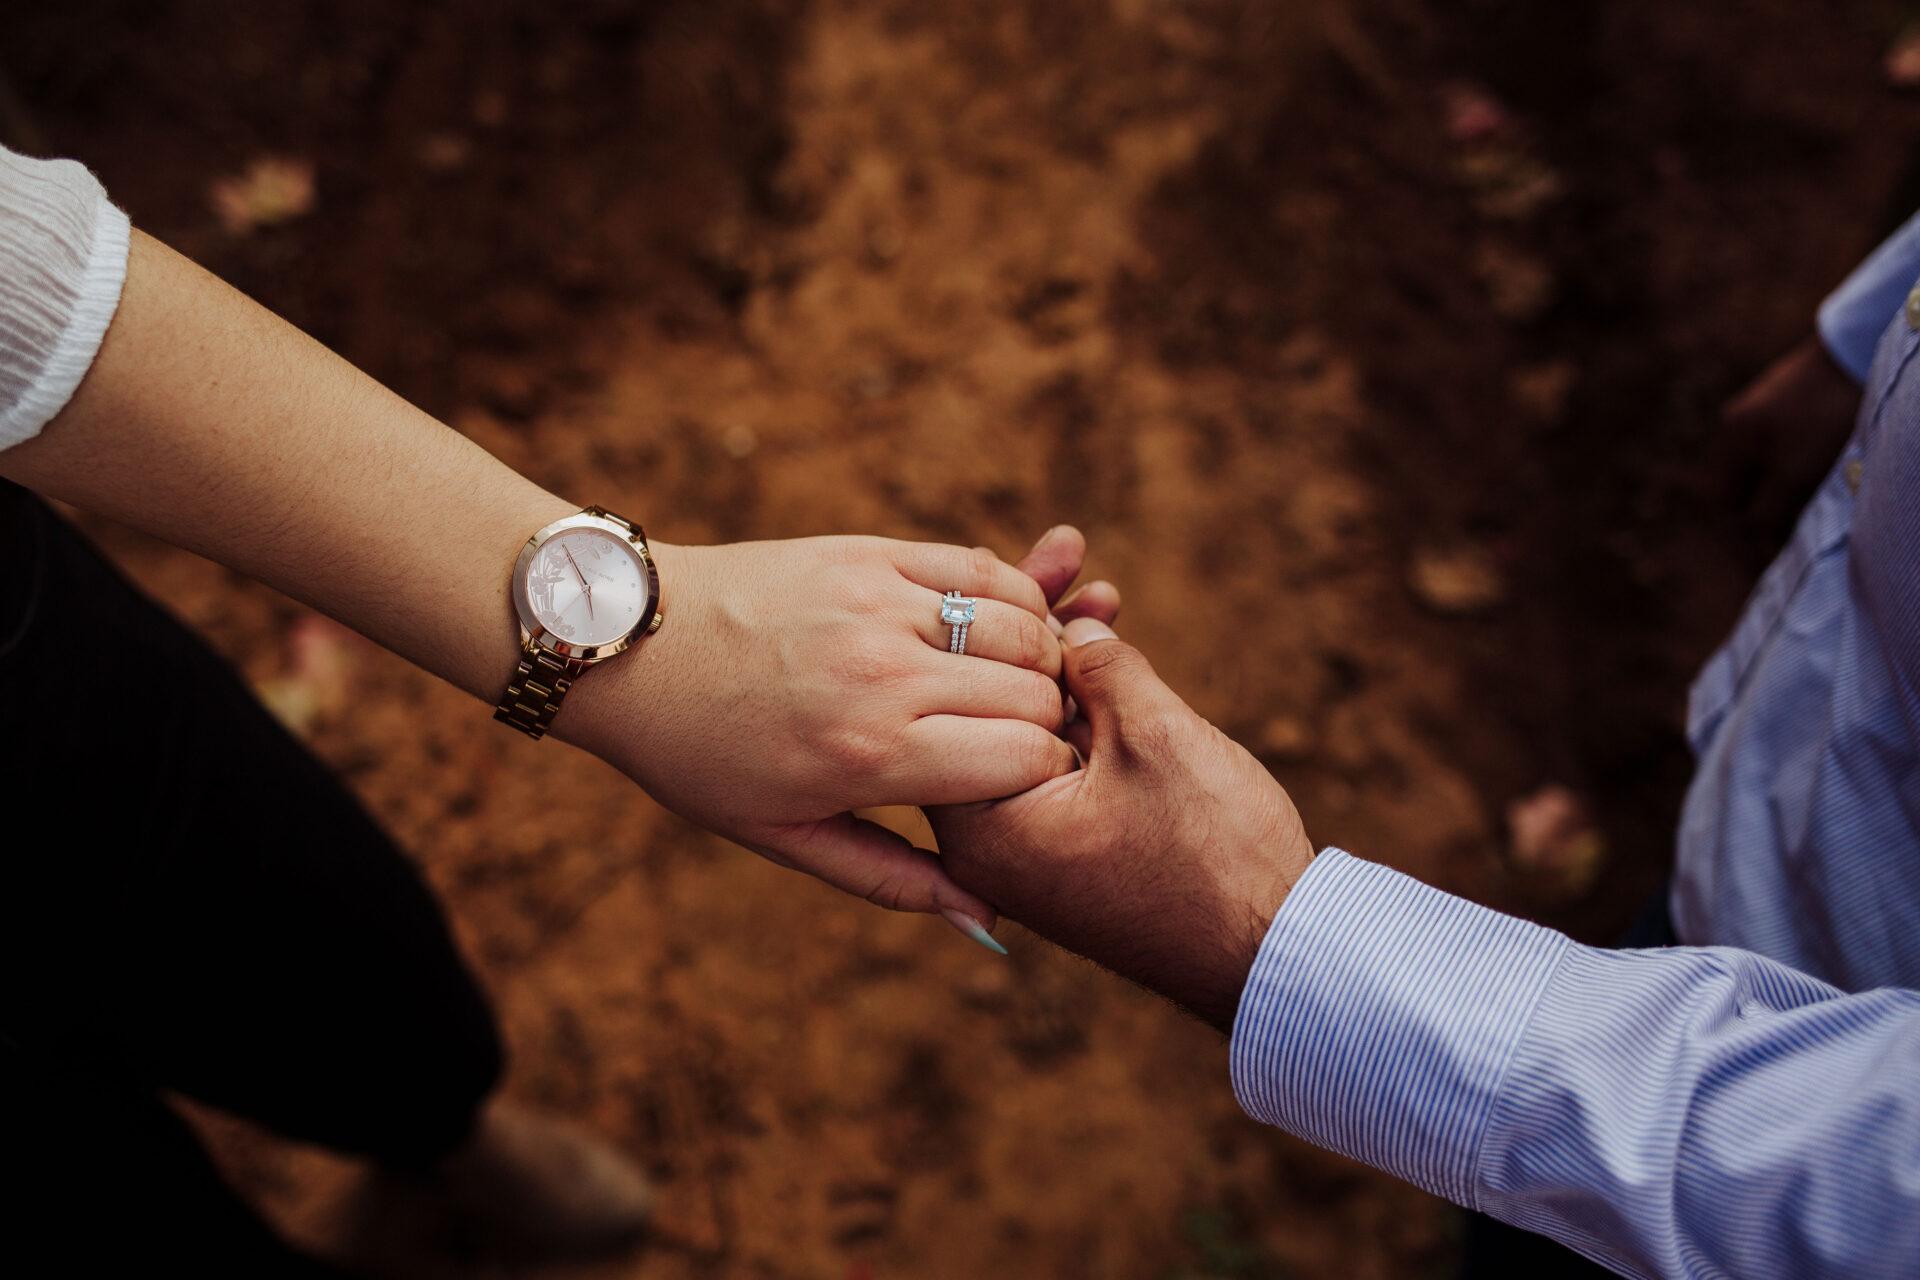 javier_noriega_fotografo_save_the_date_tierra_adentro_zacatecas_wedding_photographer15